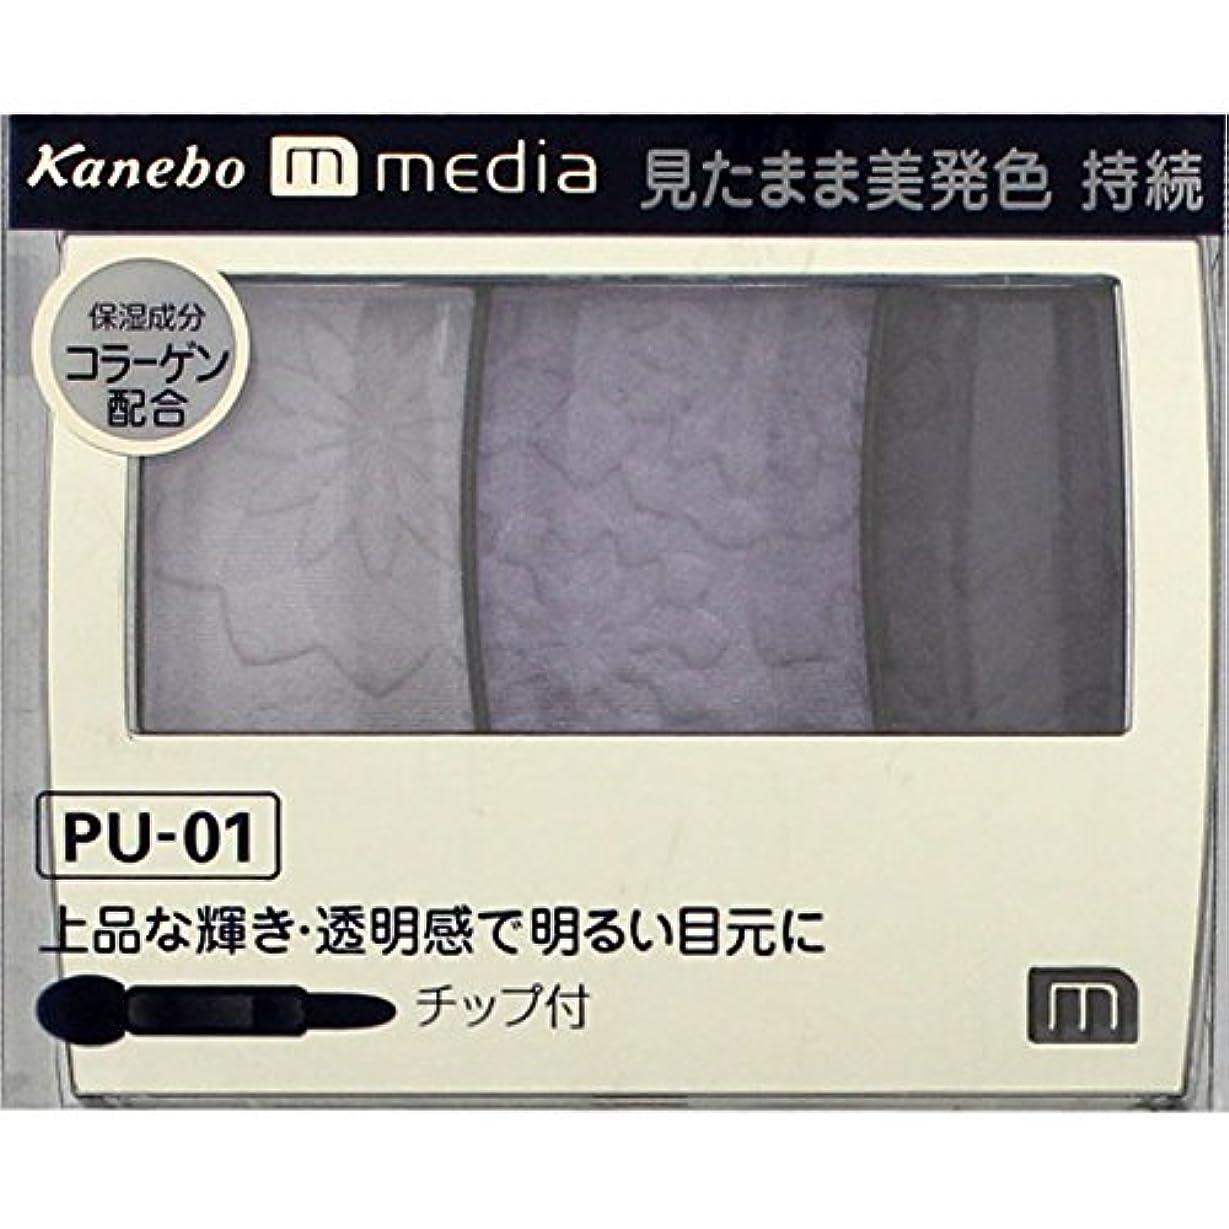 弱まる人物過剰カネボウ メディア(media)グラデカラーアイシャドウ カラー:PU-01